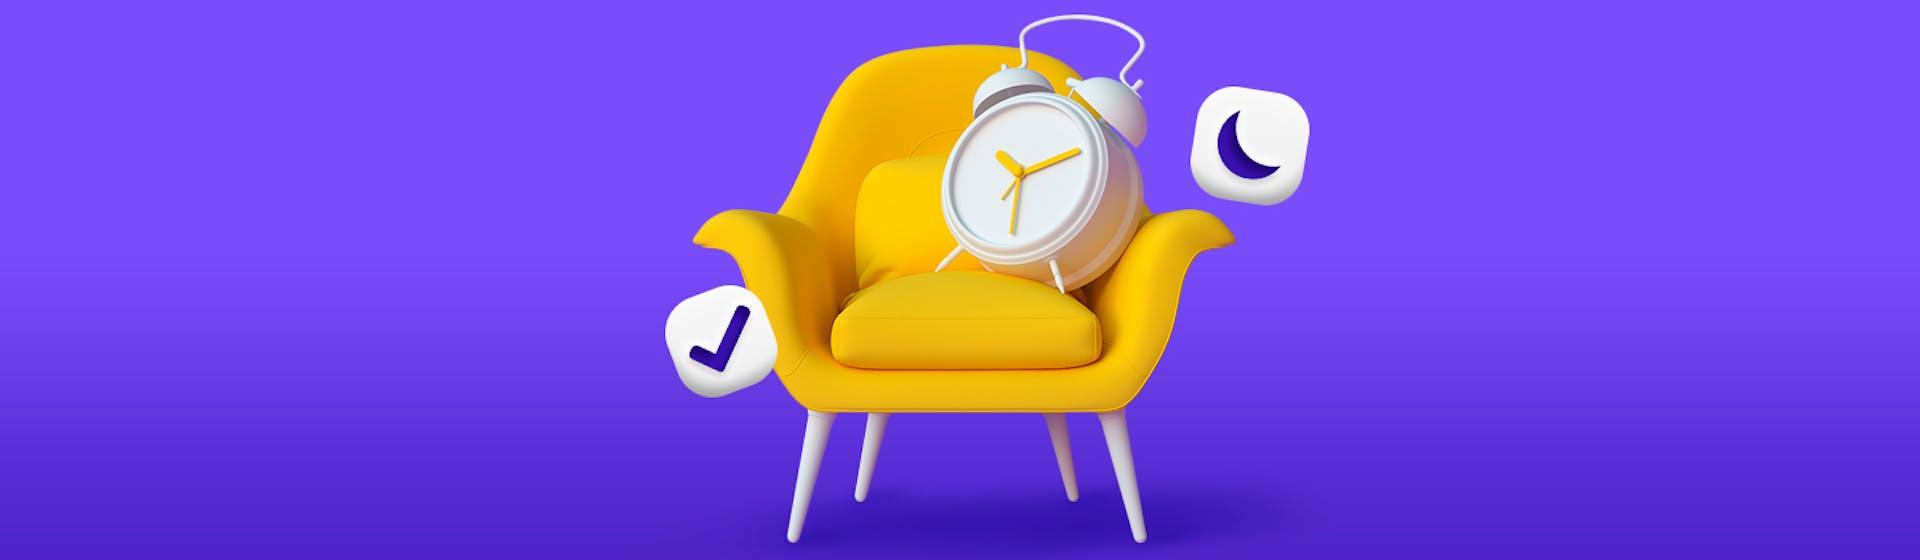 Descubre la mejor posición para dormir y disfruta de una buena noche de sueño